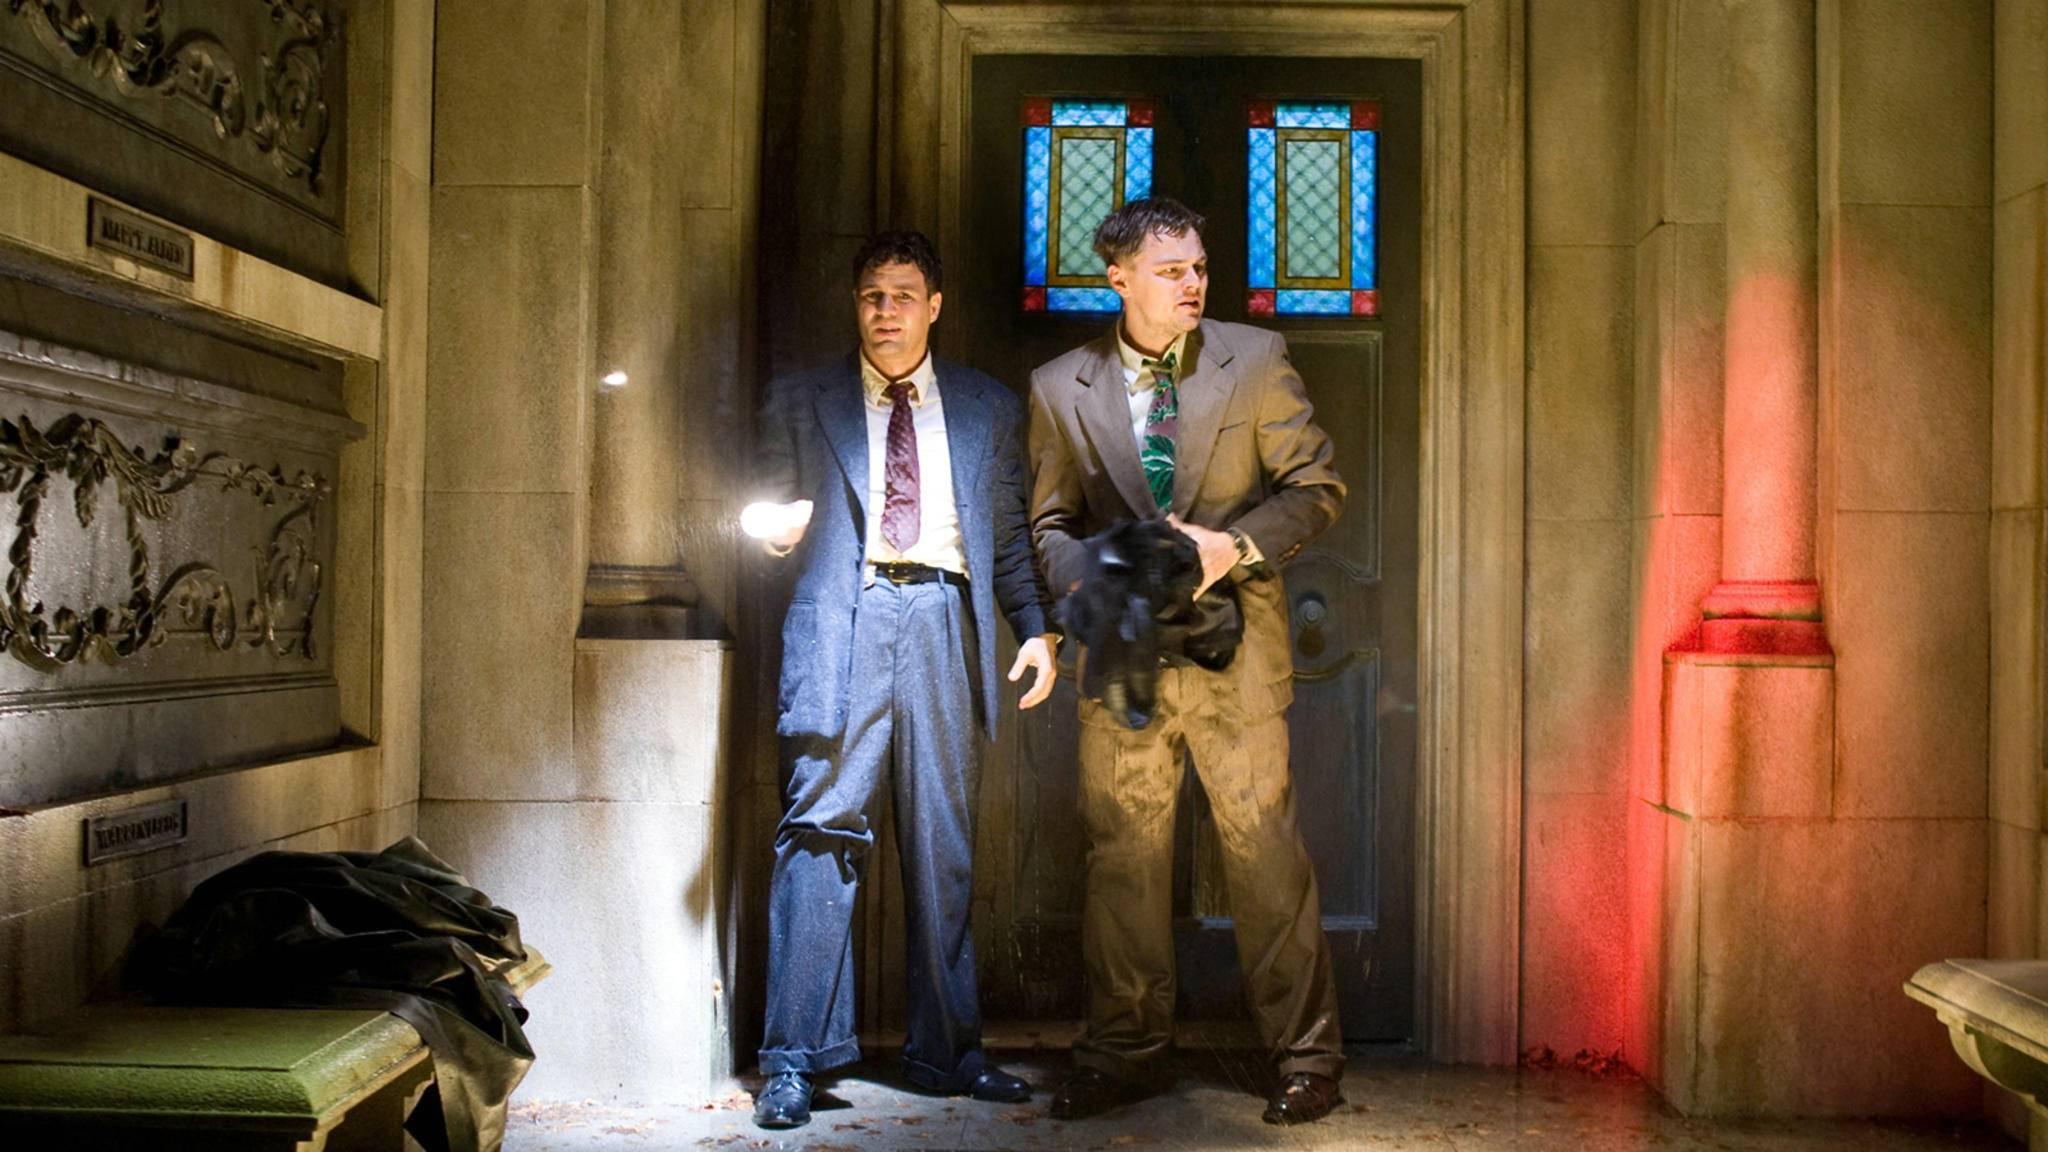 """Filme wie """"Shutter Island"""" beweisen, dass ein Movie kein Horrorfilm sein muss, um die Zuschauer zu schocken."""